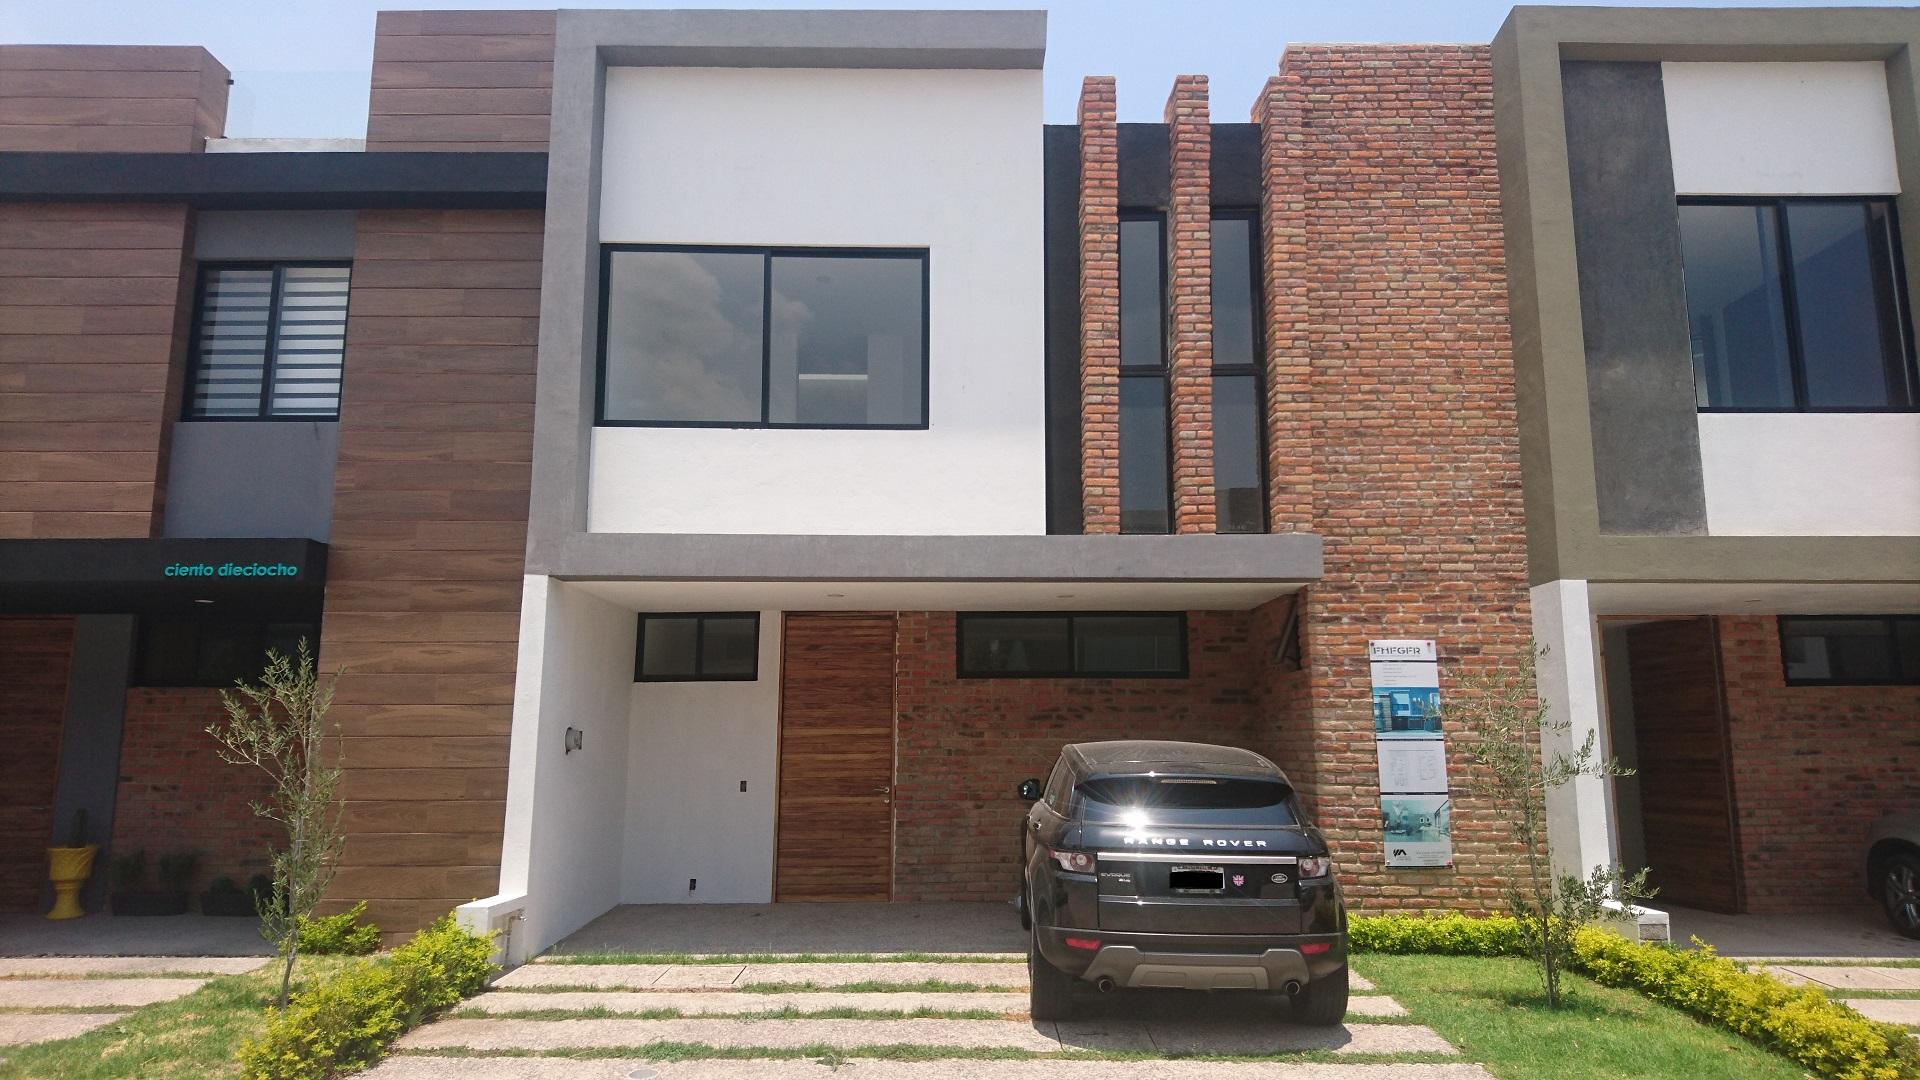 Casa en venta coto Soaré, Zona Real, Zapopan